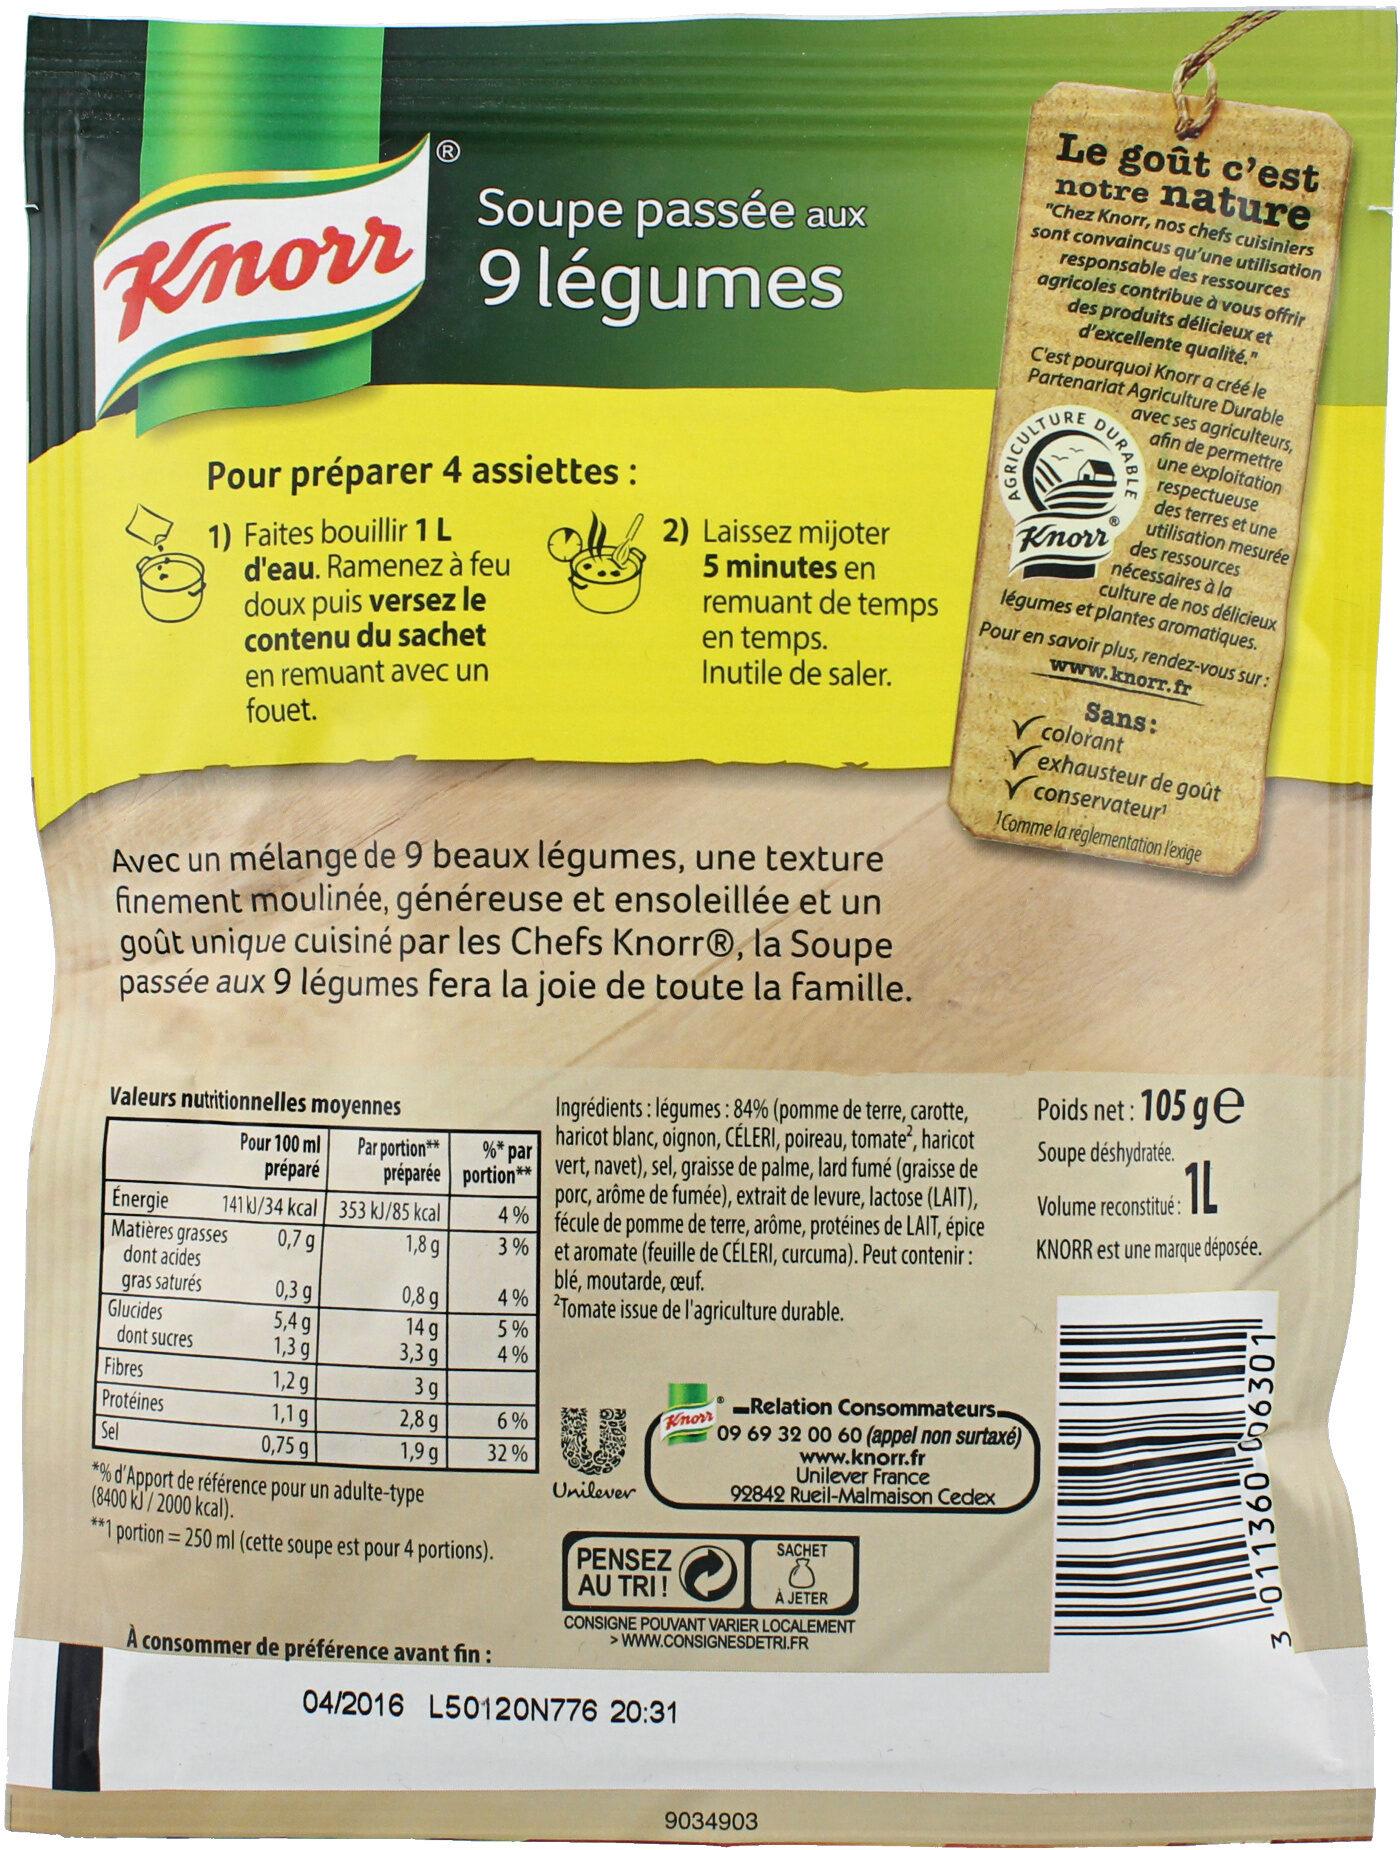 Knorr Soupe Déshydratée Passée aux 9 Légumes 105g 4 Portions - Ingrédients